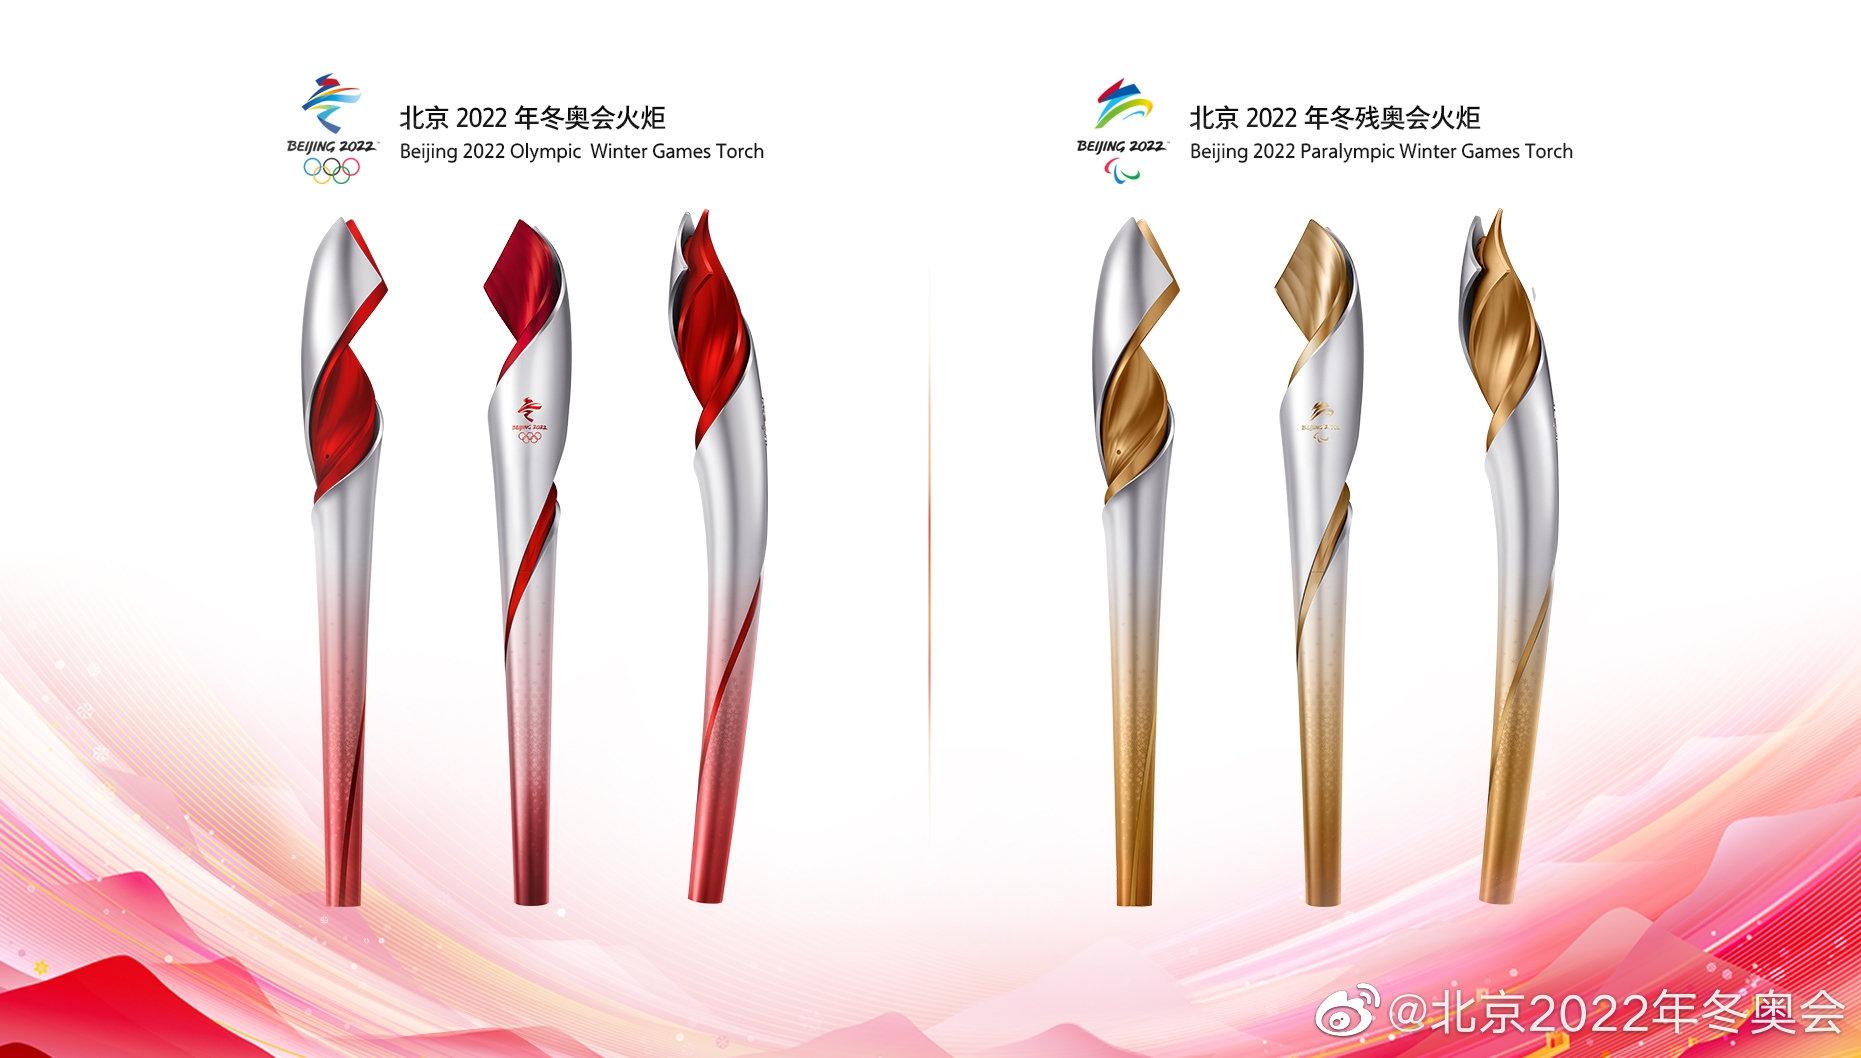 """火炬""""飞扬""""正式发布。 图片来源:北京2022年冬奥会和冬残奥会组织委员会官方微博"""